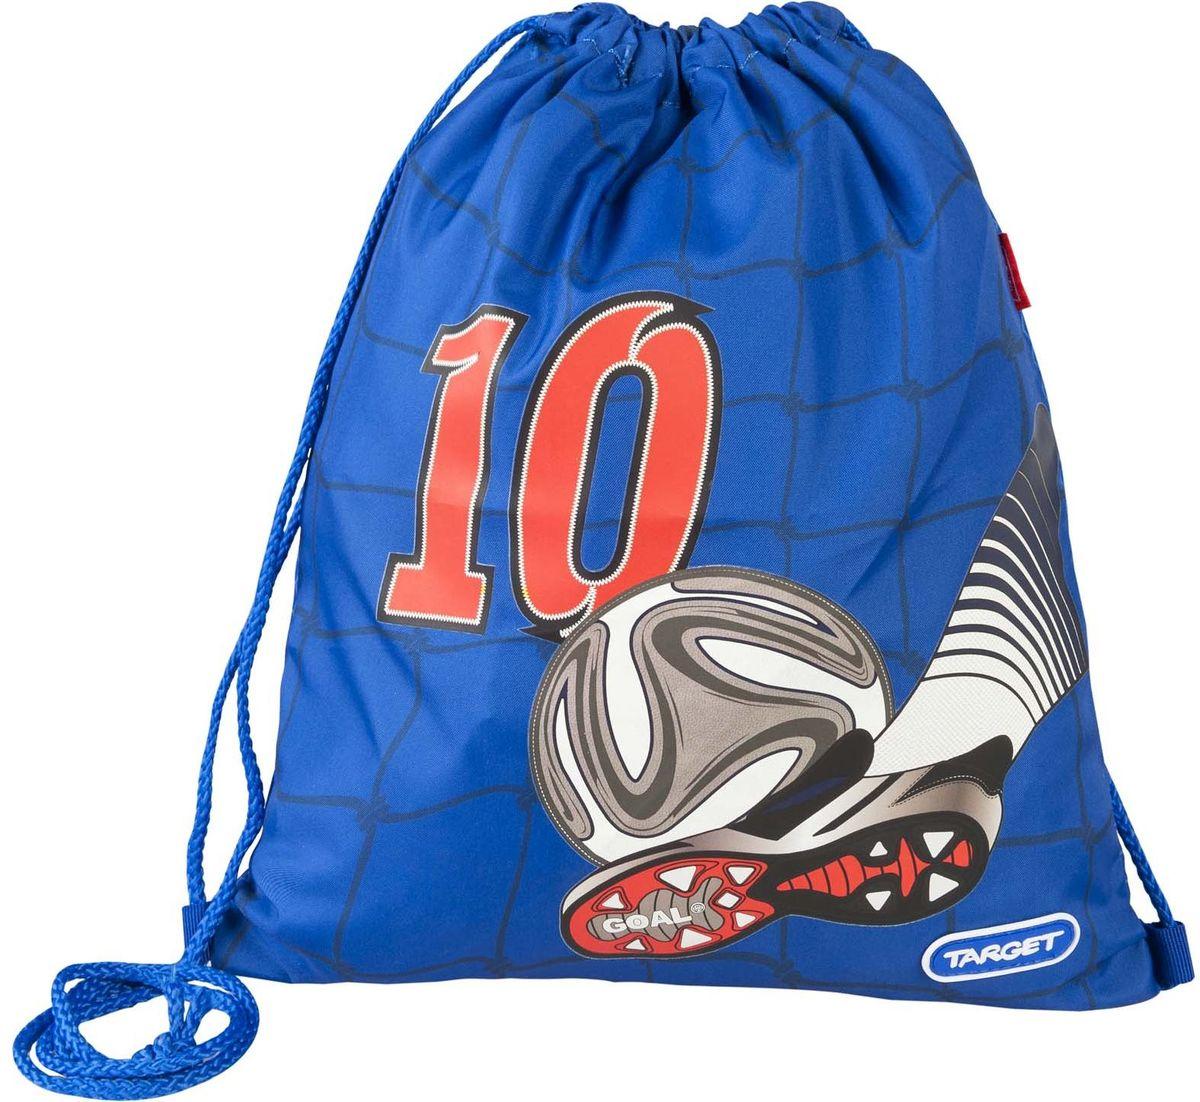 Target Collection Сумка для детской сменной обуви Улетный футбол 1794617946Сумка для переноски детской обуви Target Collection Улетный футбол, выполнена из плотного водостойкого материала, затягивается сверху шнурком и носится, как рюкзак.